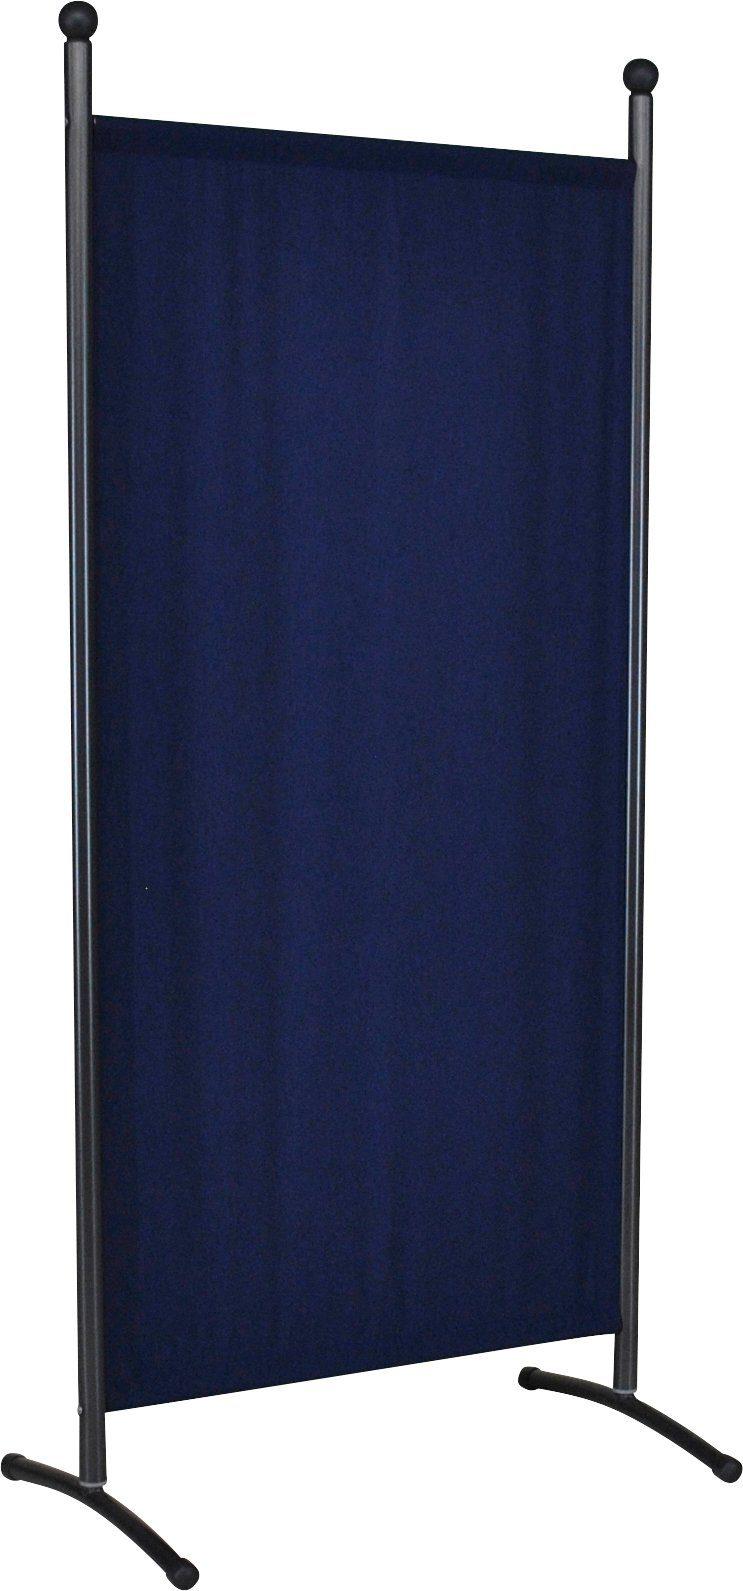 ANGERER FREIZEITMÖBEL Stellwand »Klein blau«, (B/H): ca. 82x178 cm